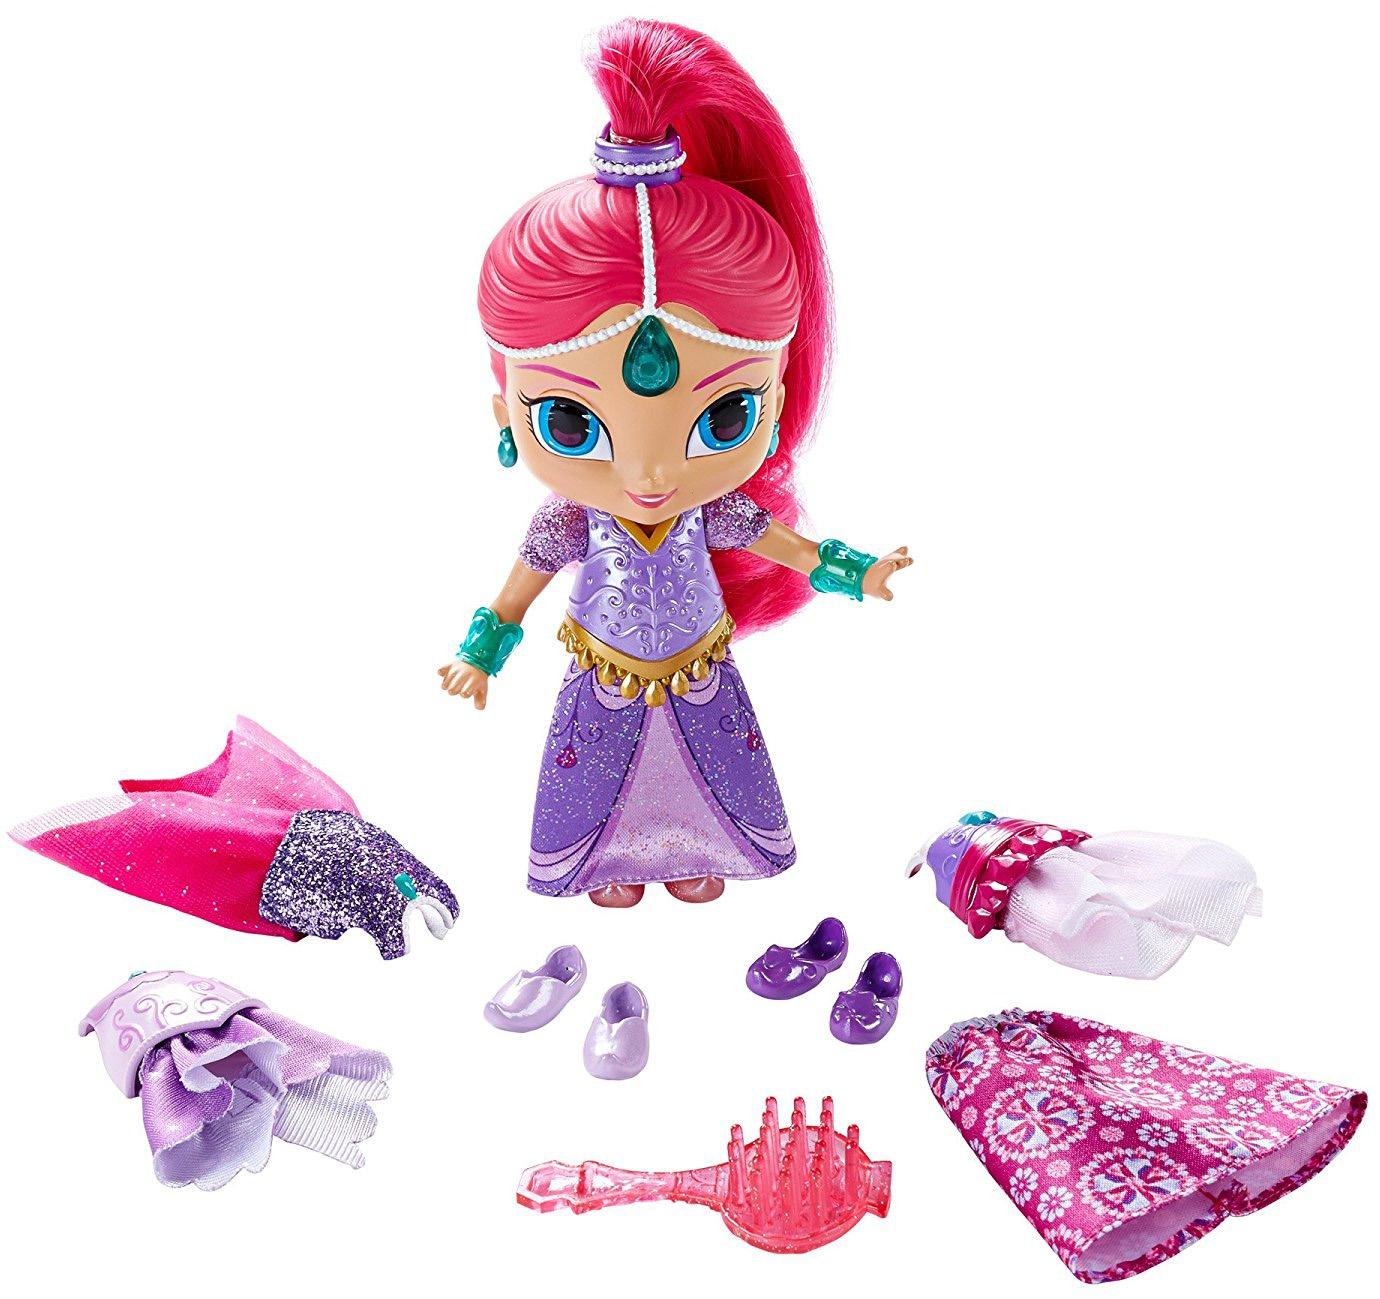 Купить Другие куклы, Кукла Shimmer&Shine в сверкающих нарядах 28 см, в ассортименте, Индонезия, Женский